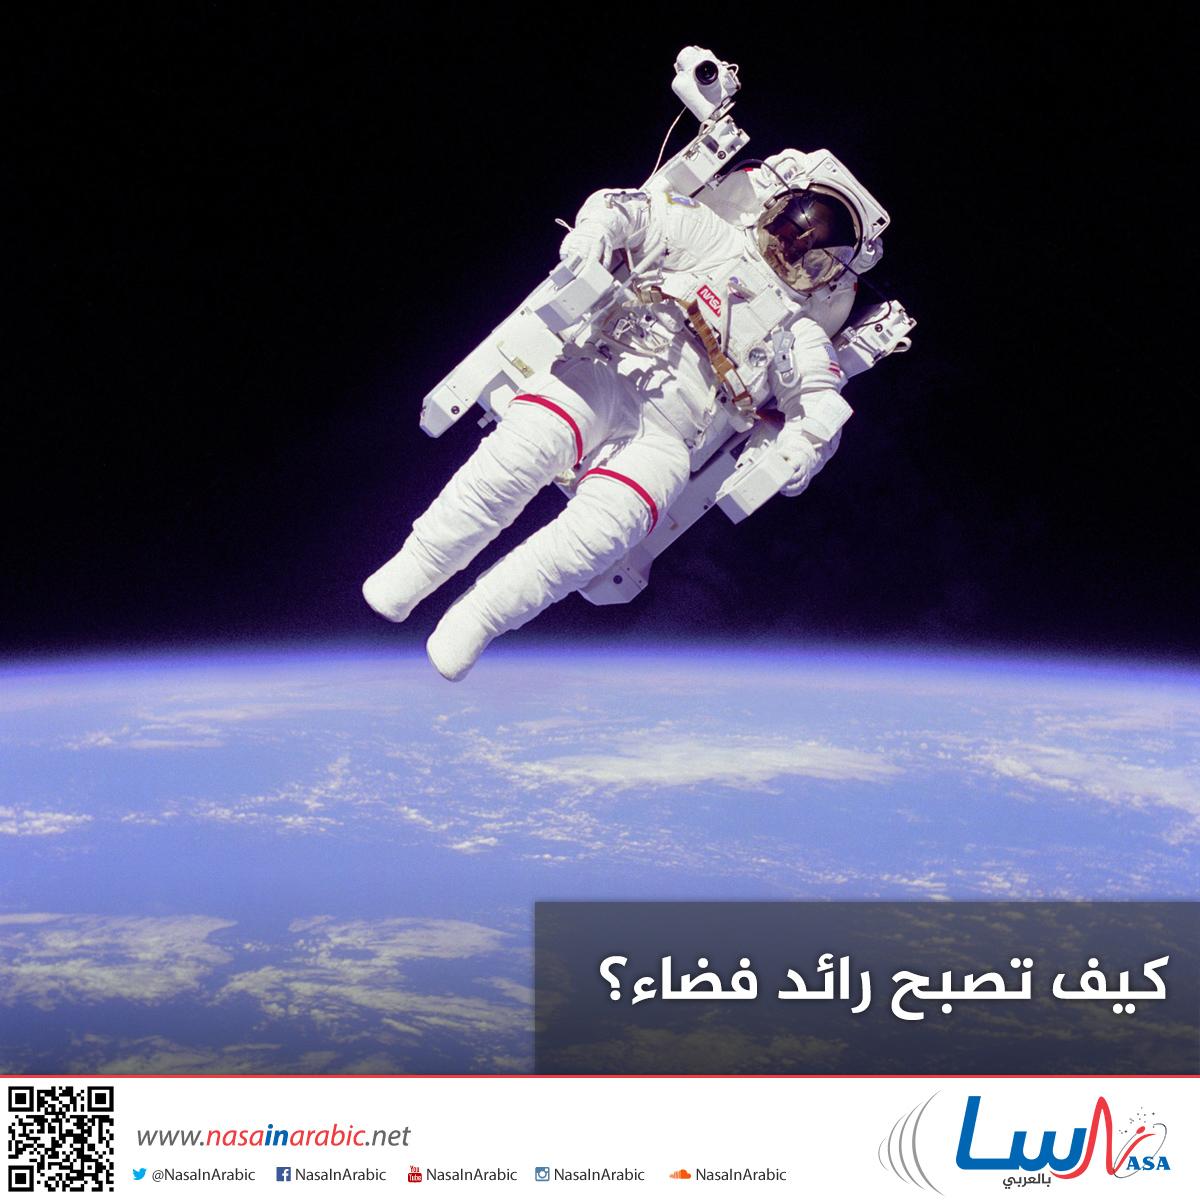 كيف تصبح رائد فضاء؟ الجزء الثاني